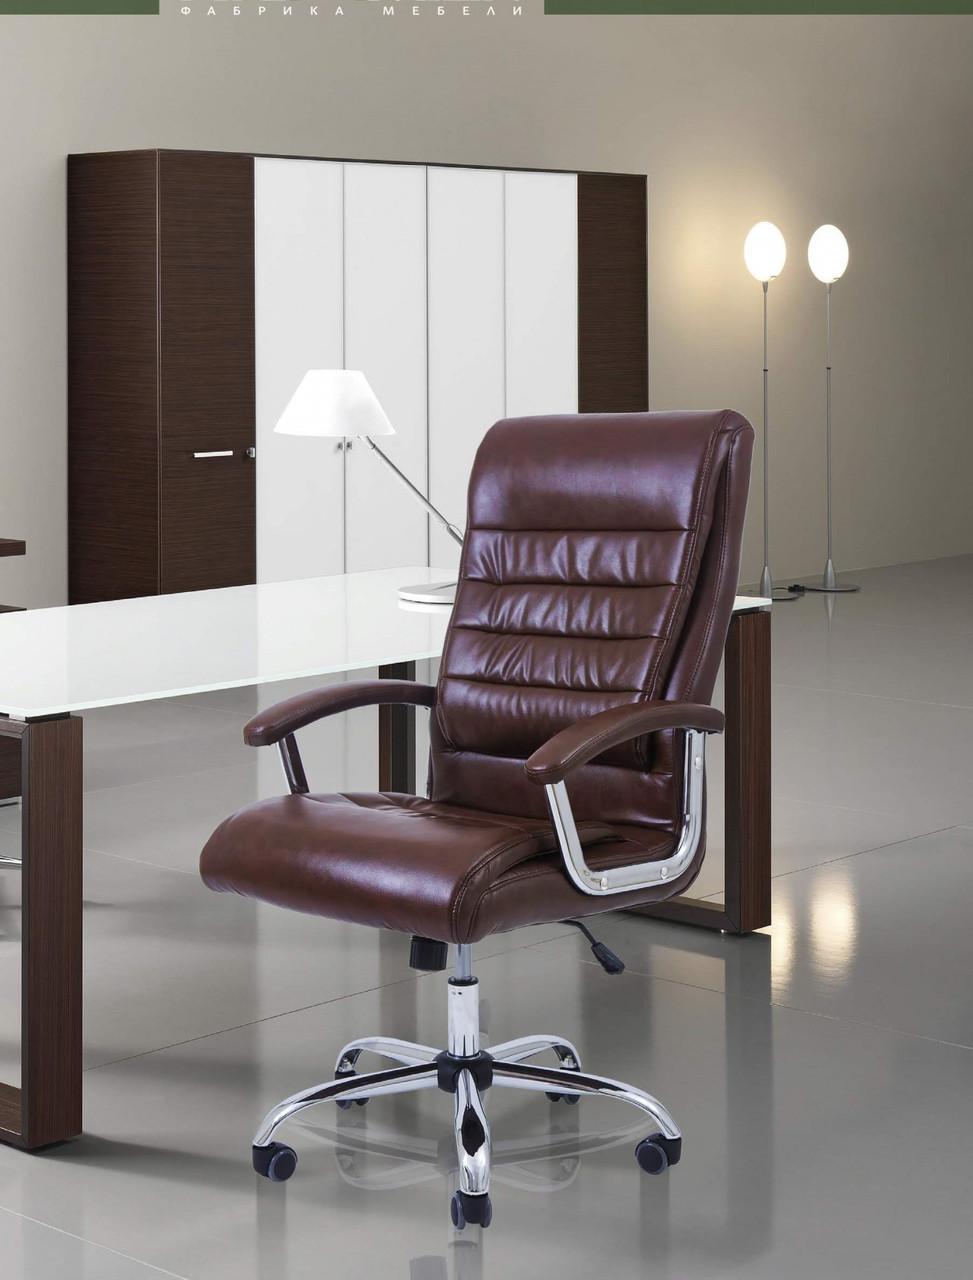 Офисное Кресло Руководителя Princeton Мадрас Хром М3 MultiBlock Коричневое